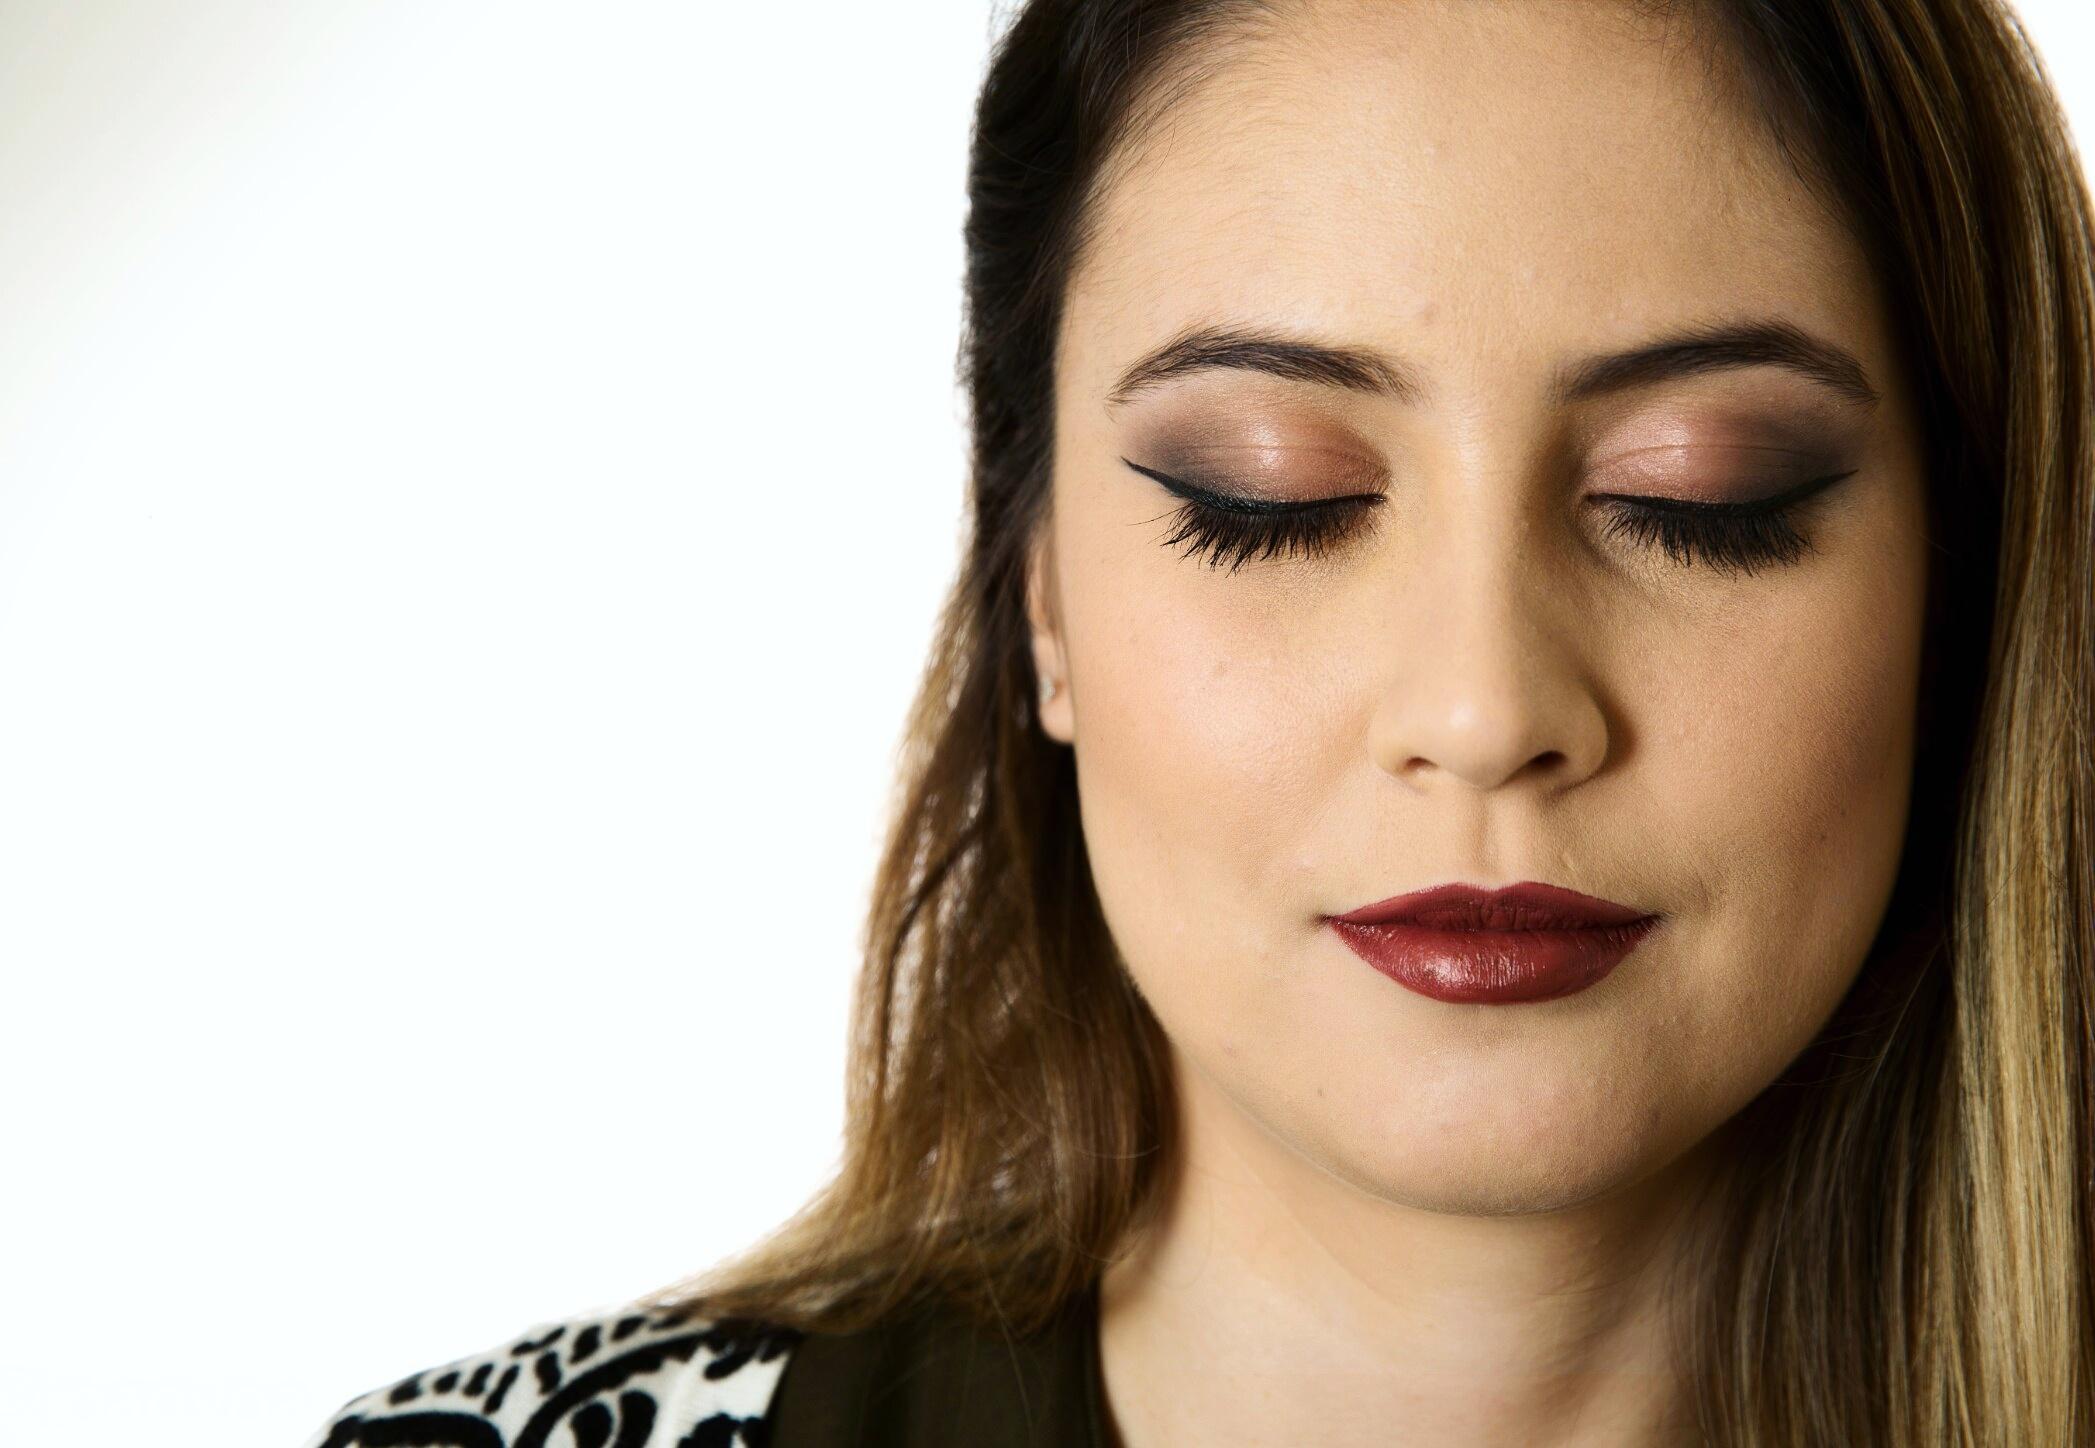 #makeup #conceptualmakeup #maquiagemconceitual #maquiagem #passarela #madrinhas #noivas maquiagem maquiador(a)